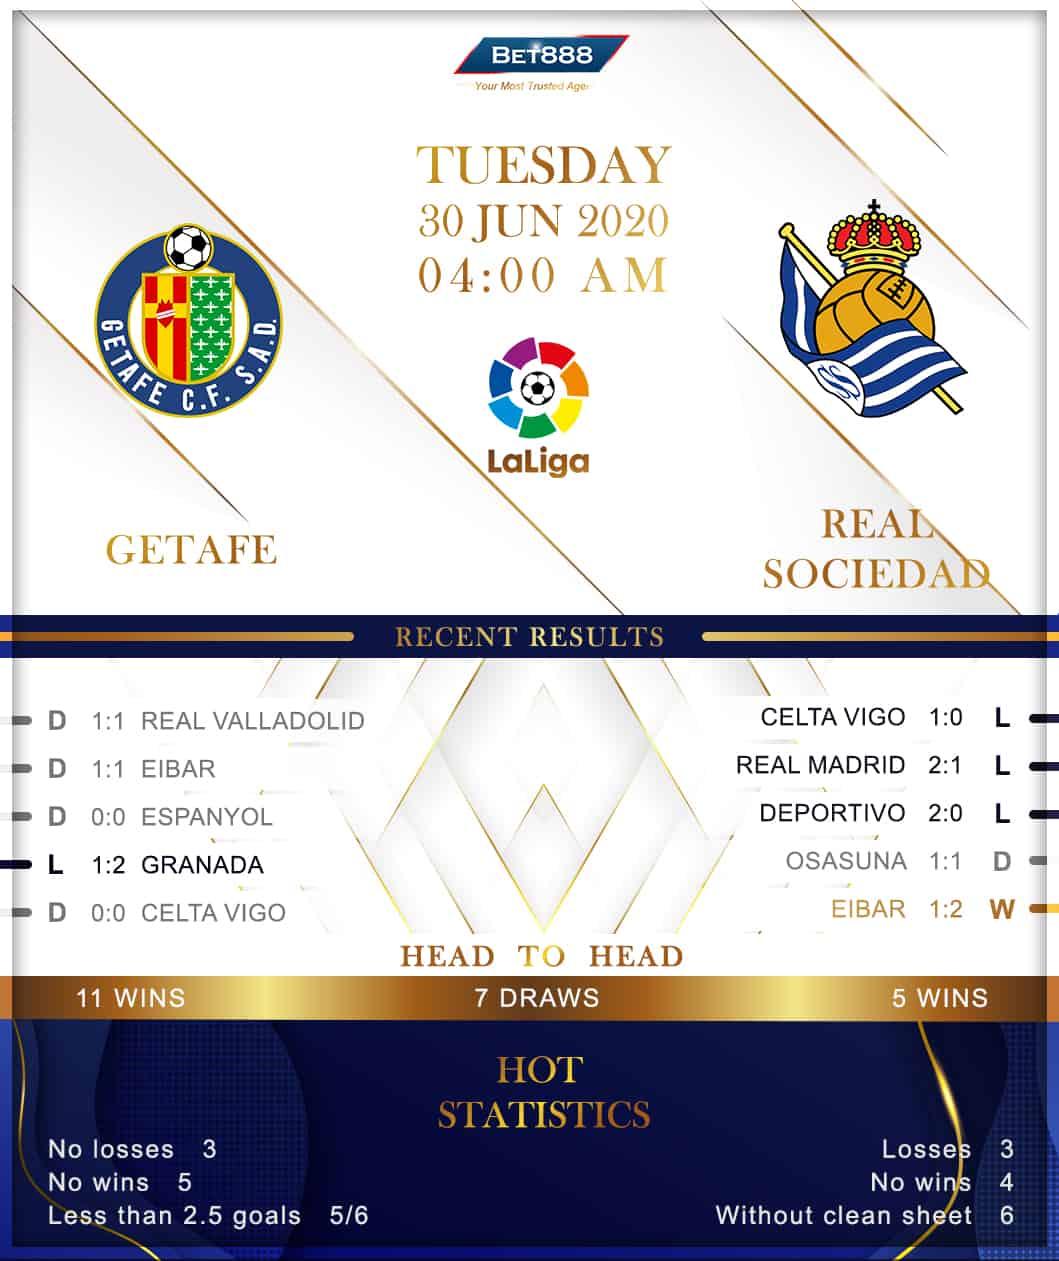 Getafe vs Real Sociedad 30/06/20